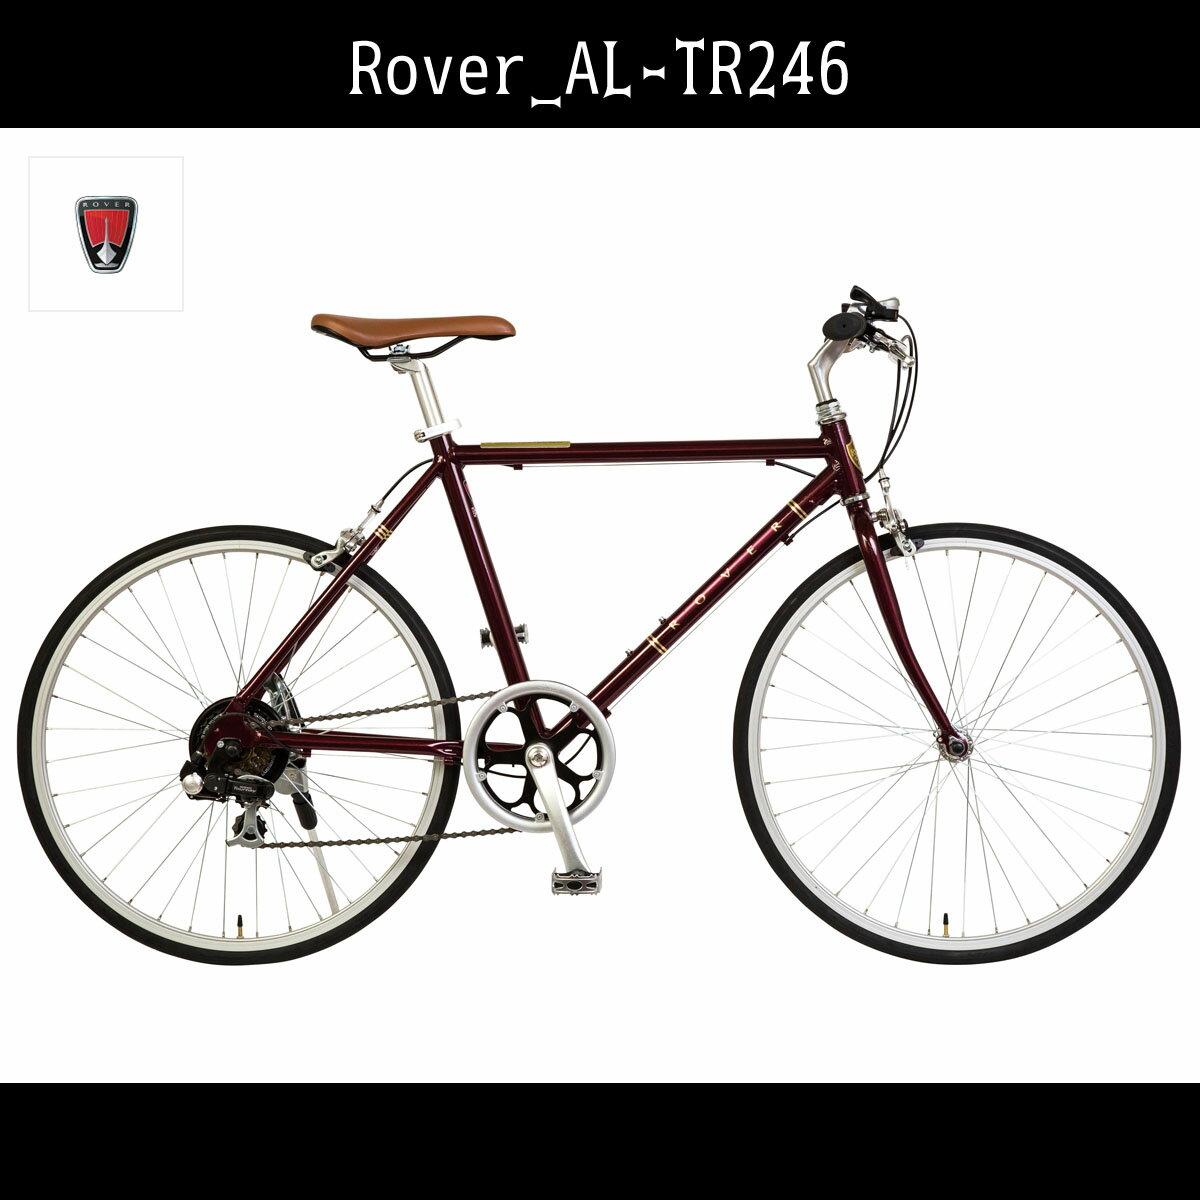 2台セット販売【送料無料 ロードバイク ローバー 自転車 レッド/赤】自転車【24インチ 自転車 外装6段変速ギア ロードバイク 軽量アルミ】 Rover ロードバイク かっこいい 自転車 AL-TR246